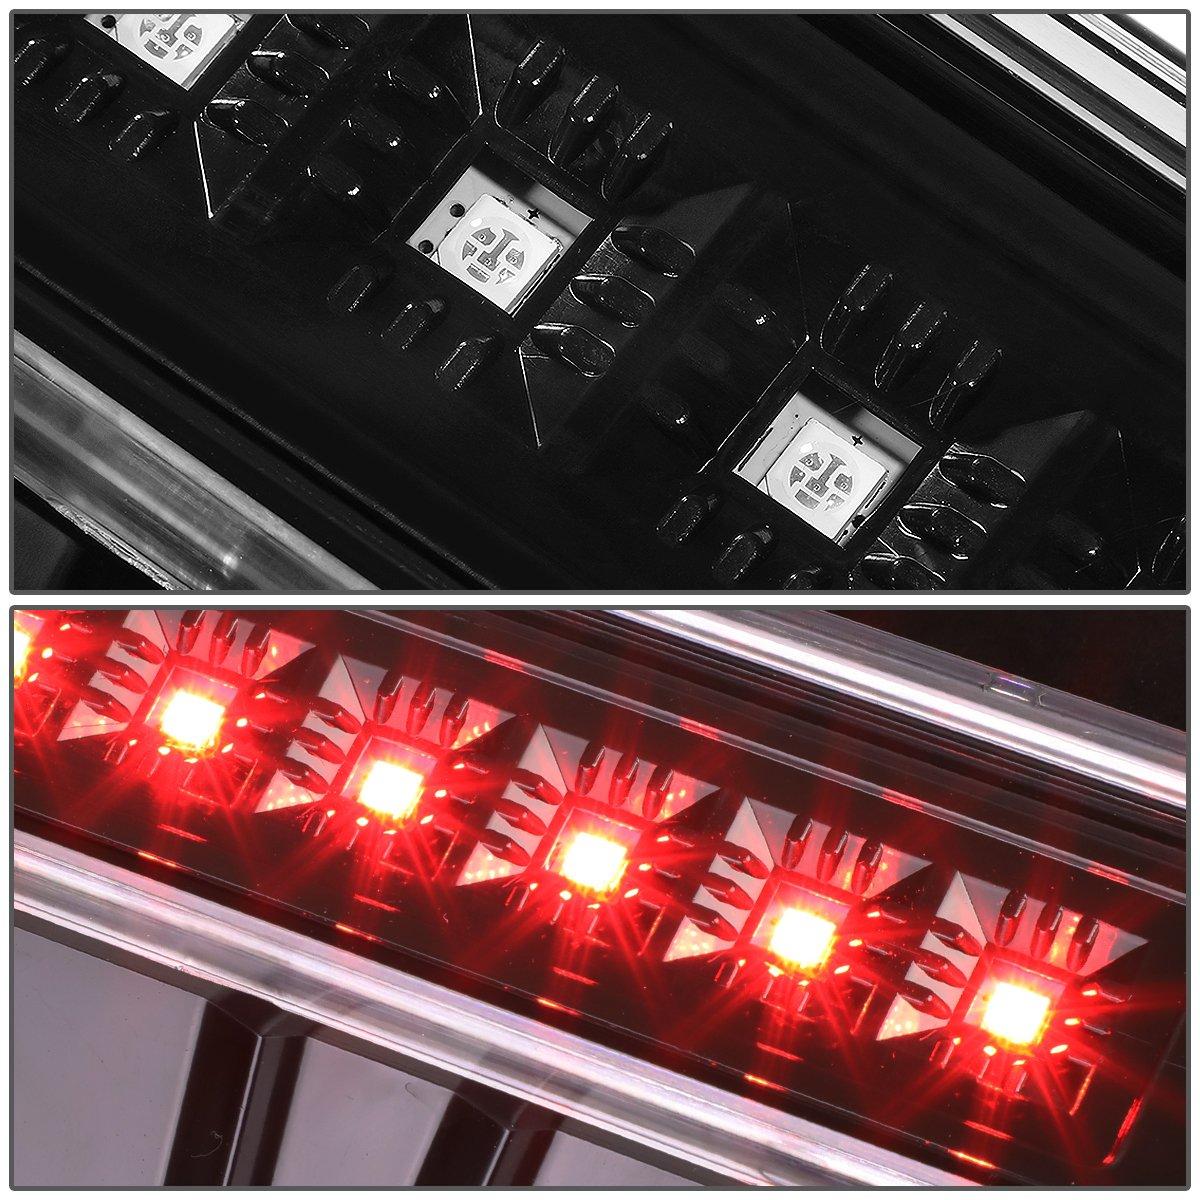 Red Lens For Jeep Wrangler JK LED High Mount Rear 3rd Third Tail Brake Light